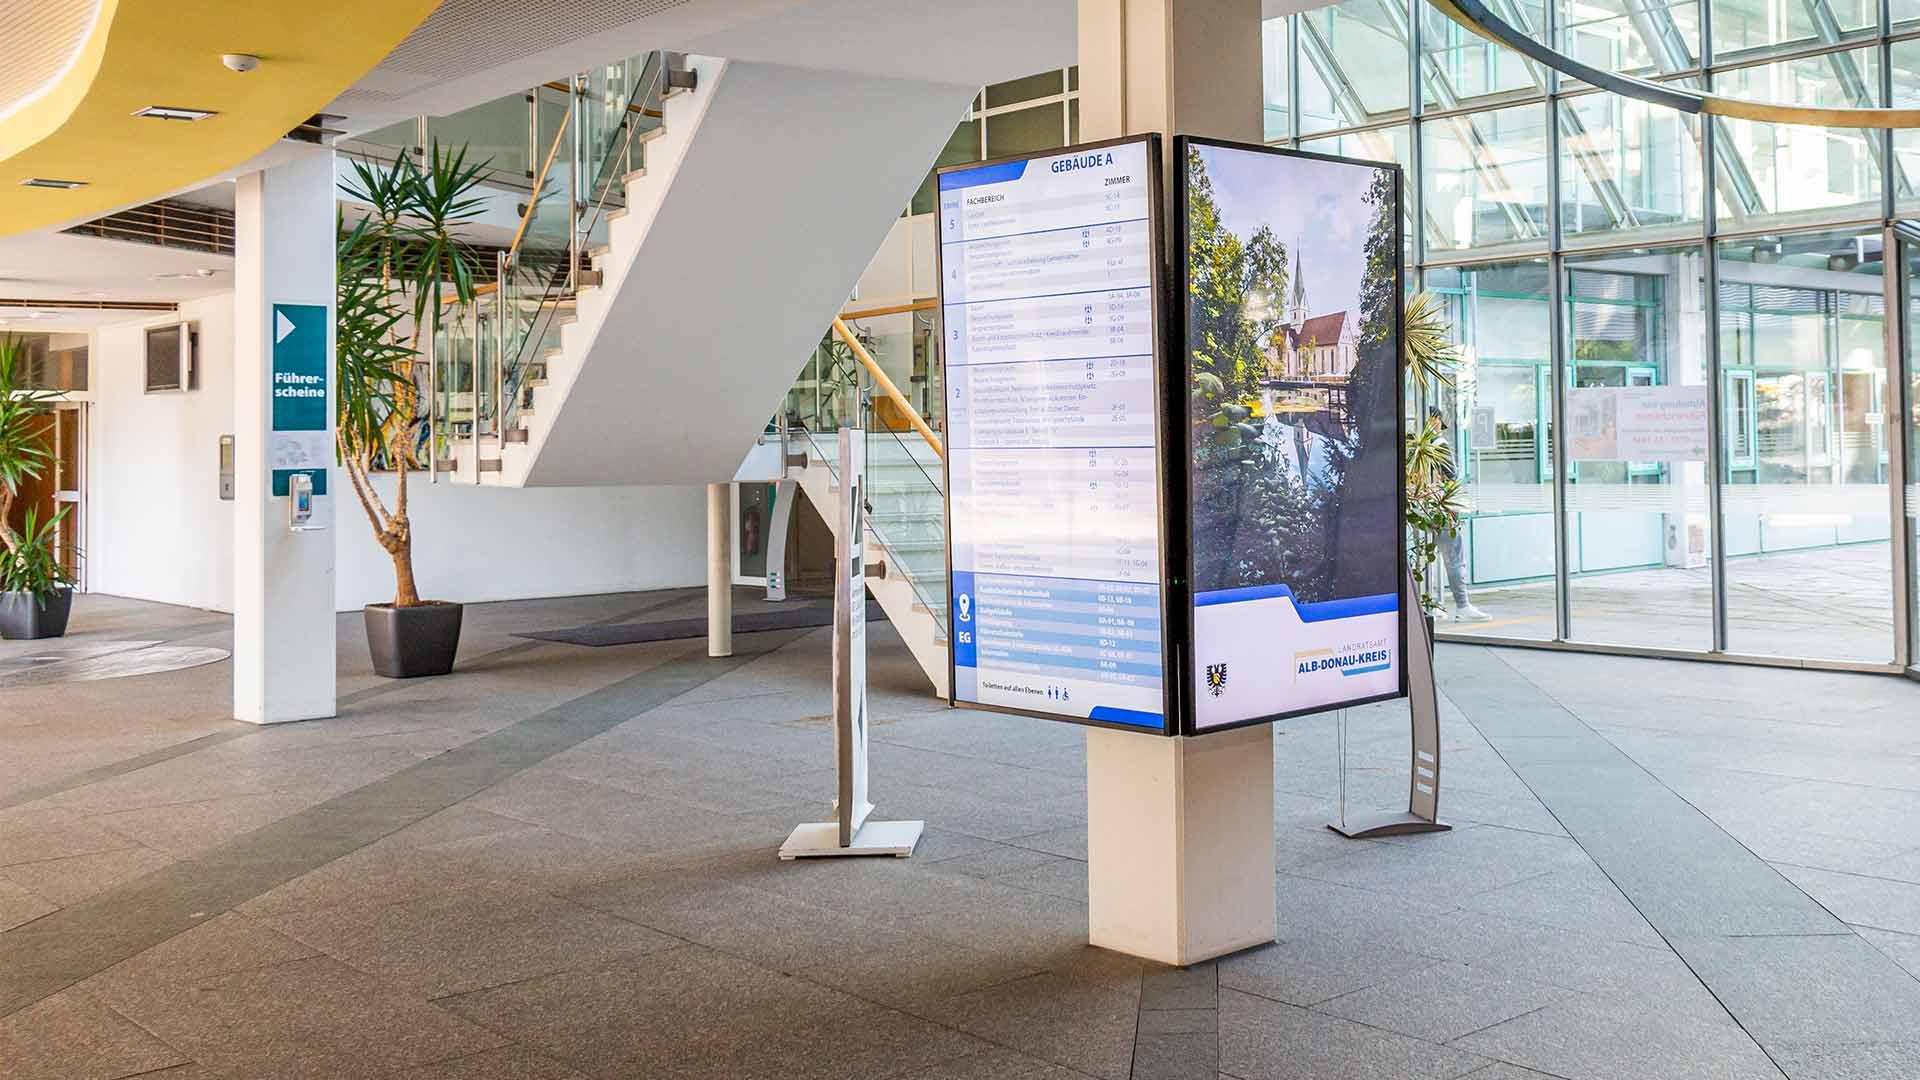 Digital Signage Bildschirm an einer Säule